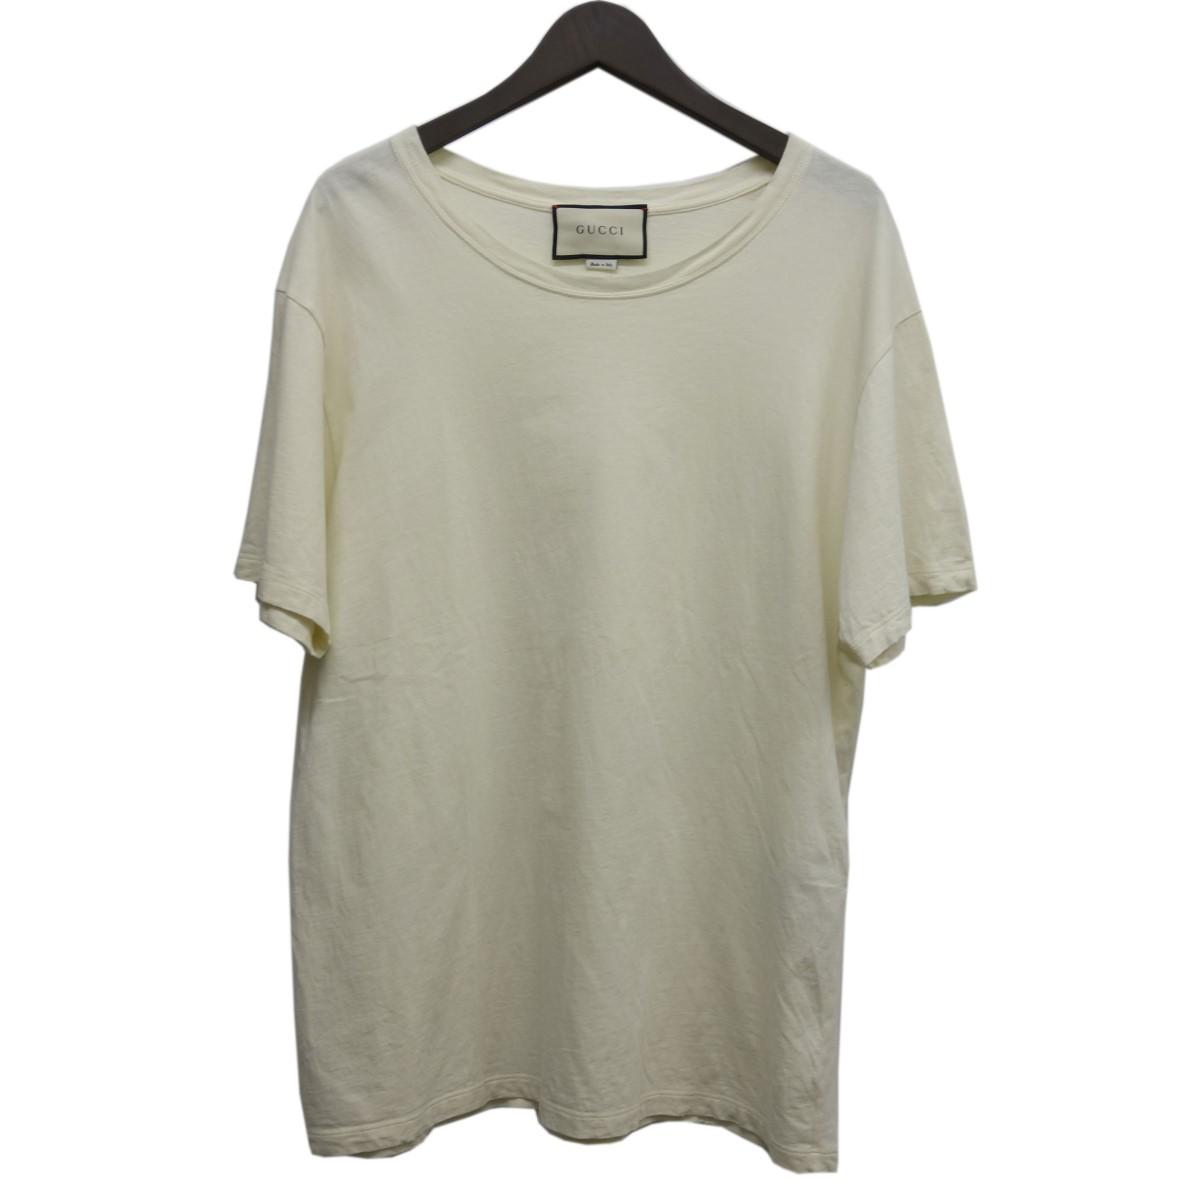 【中古】GUCCI バックショルダーロゴTシャツ ホワイト サイズ:L 【030420】(グッチ)